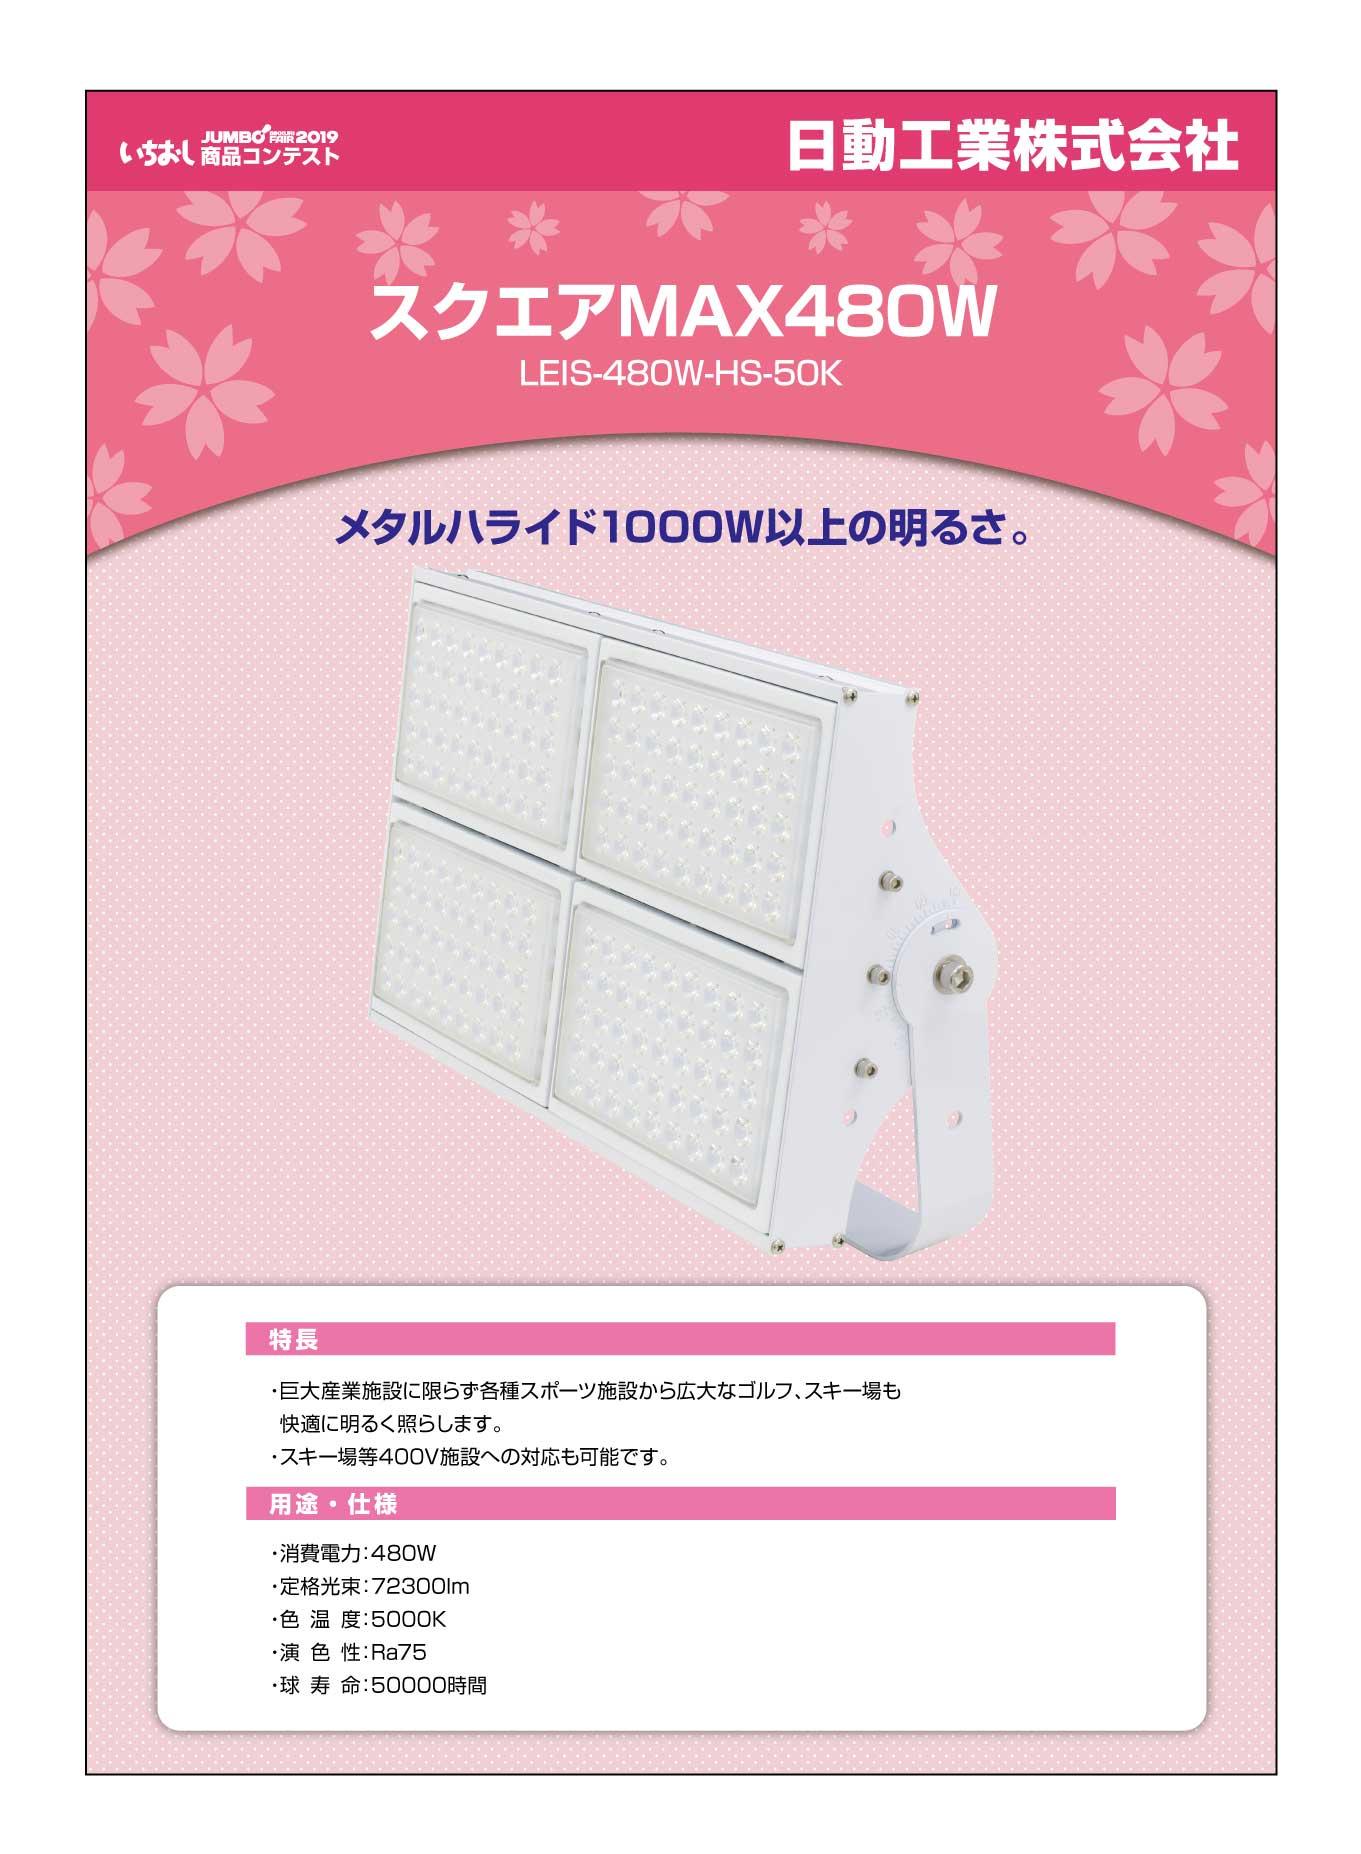 「スクエアMAX480W」日動工業株式会社の画像